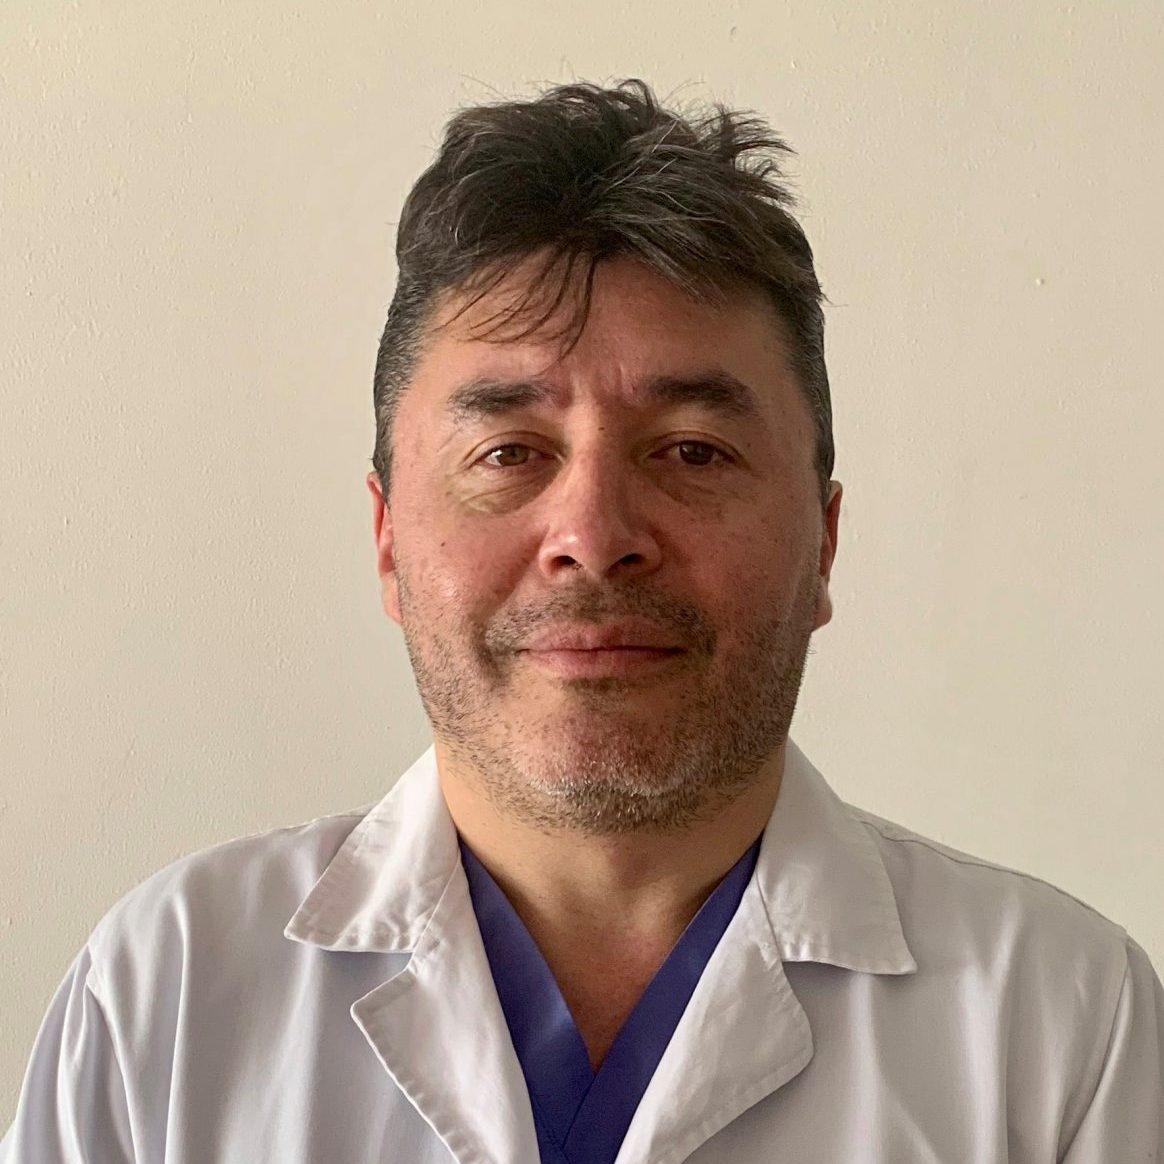 Juan Carlos Ayala MD, PhD, FACS